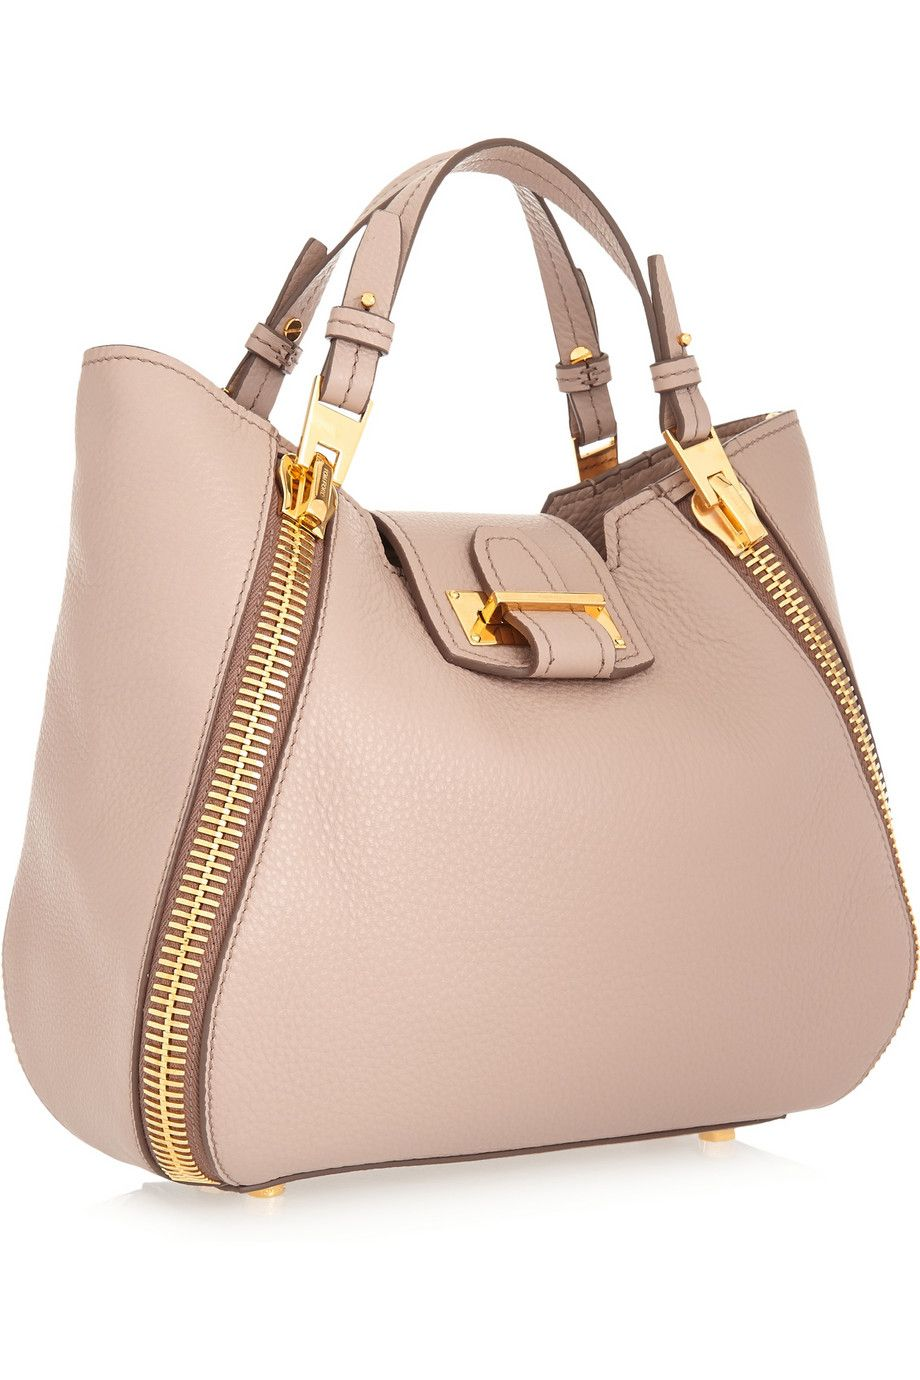 aab4872a15a LOVE THIS BAG Tom Ford